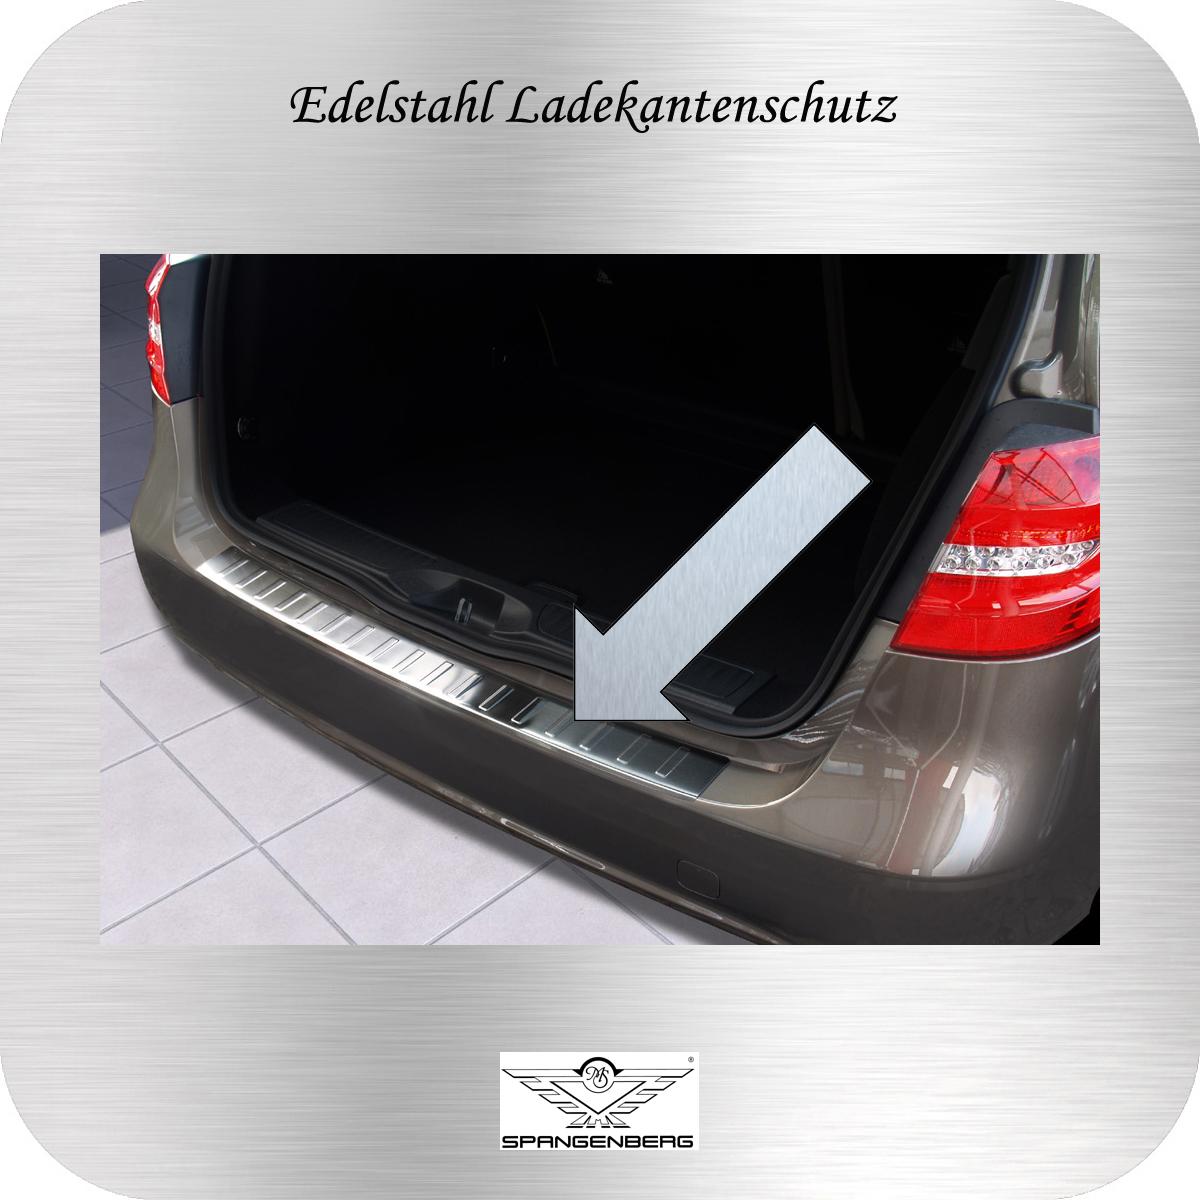 Ladekantenschutz Edelstahl Mercedes B-Klasse W246 Van Kombi 2011- 3235659